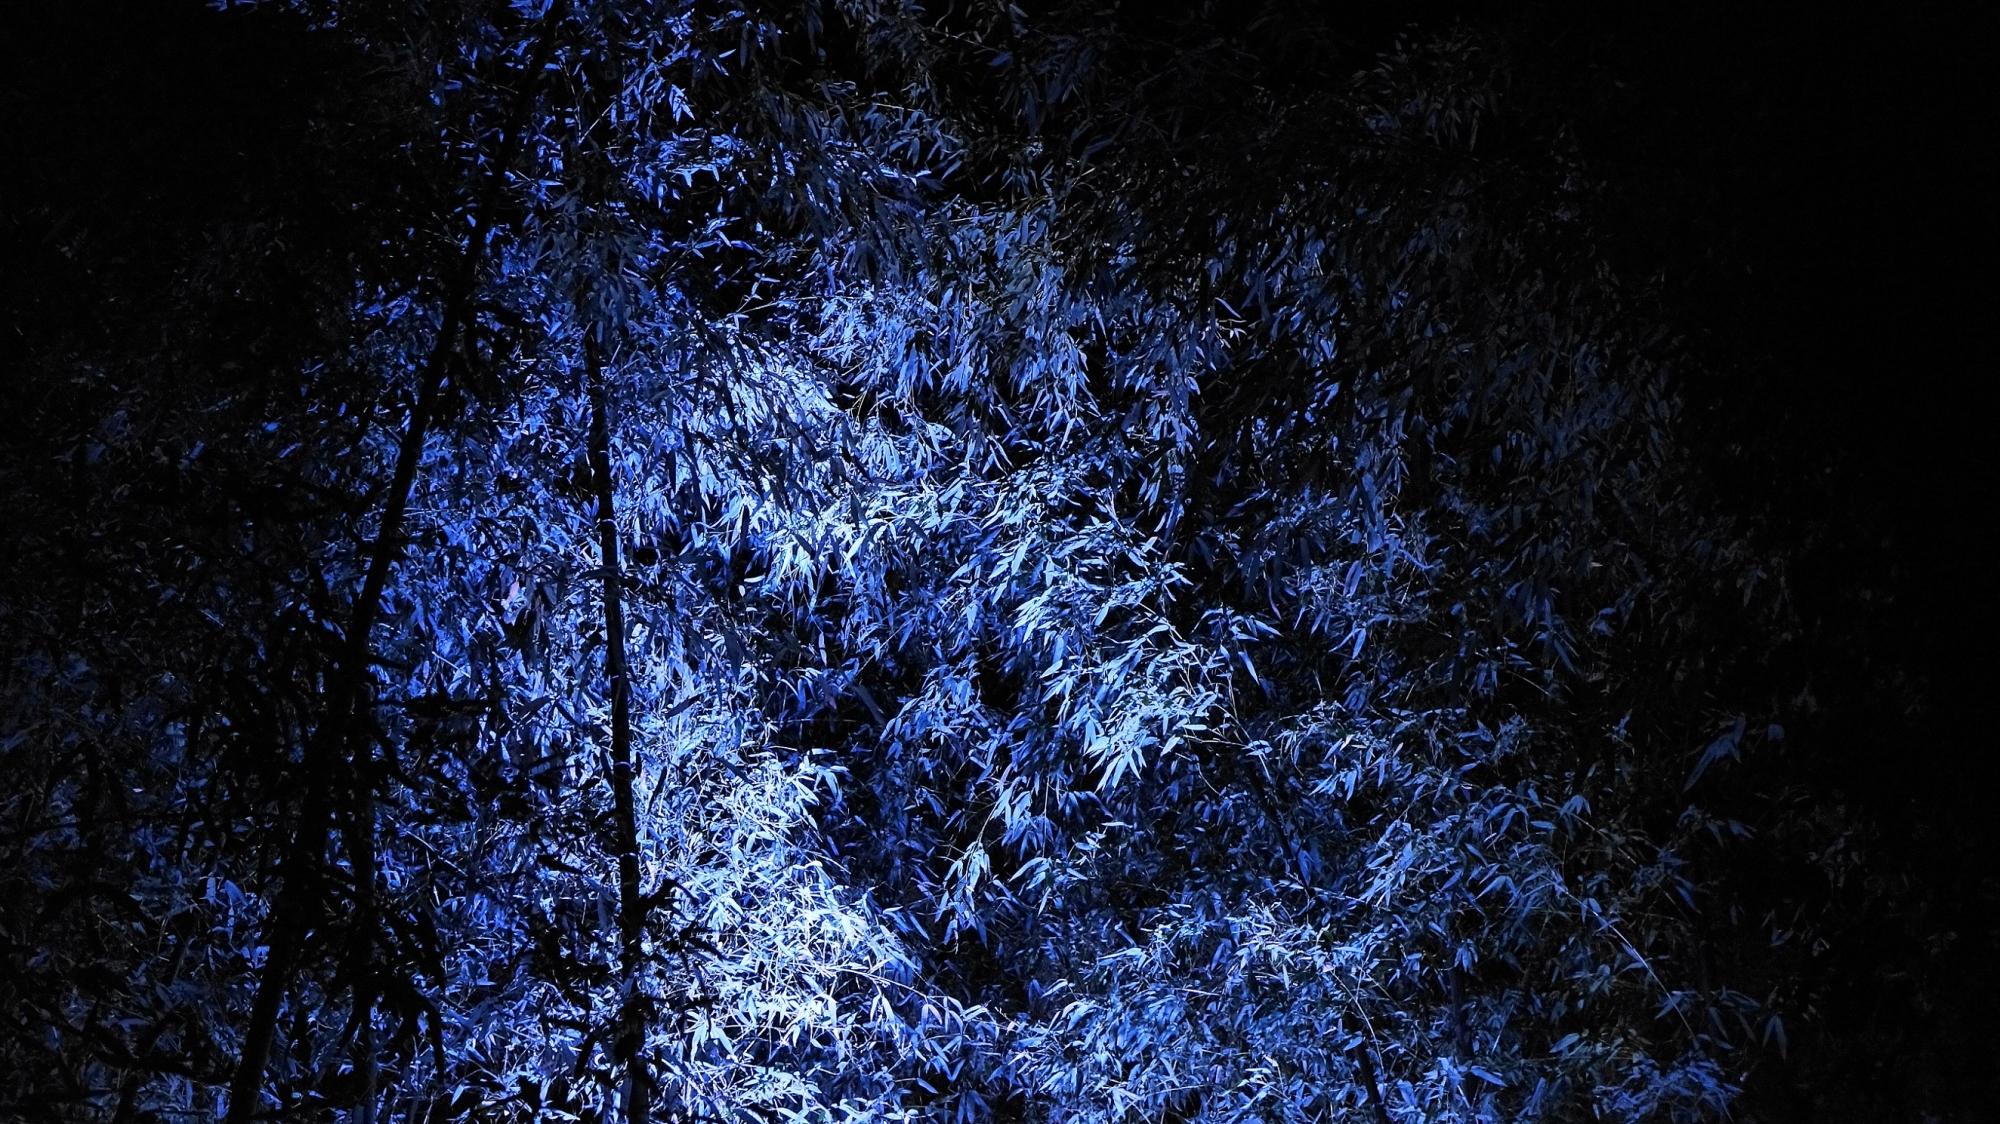 嵐山花灯路の幻想的な青色の竹林ライトアップ